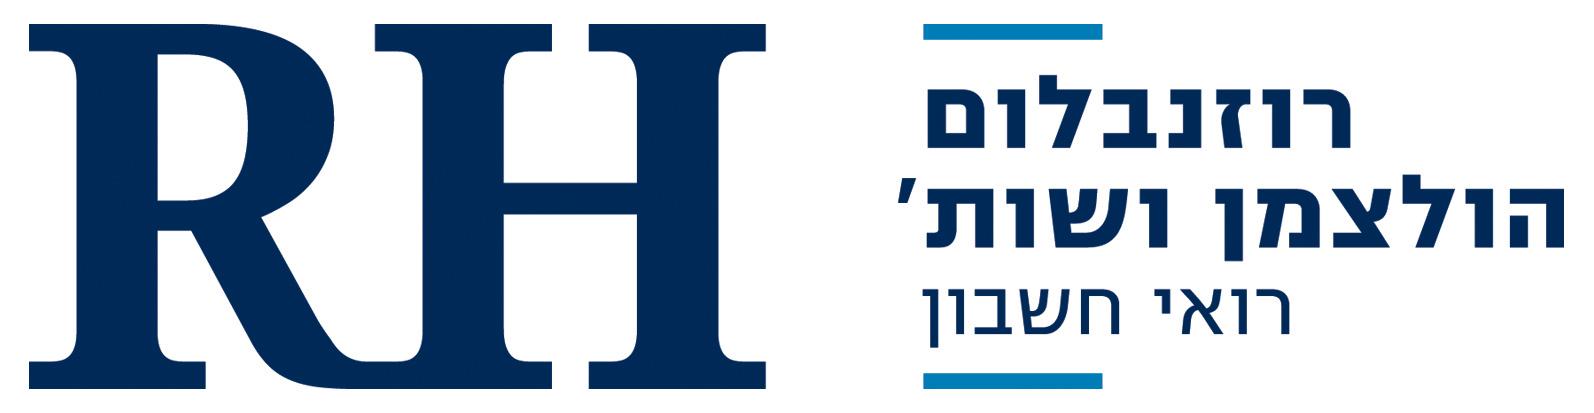 רוזנבלום הולצמן